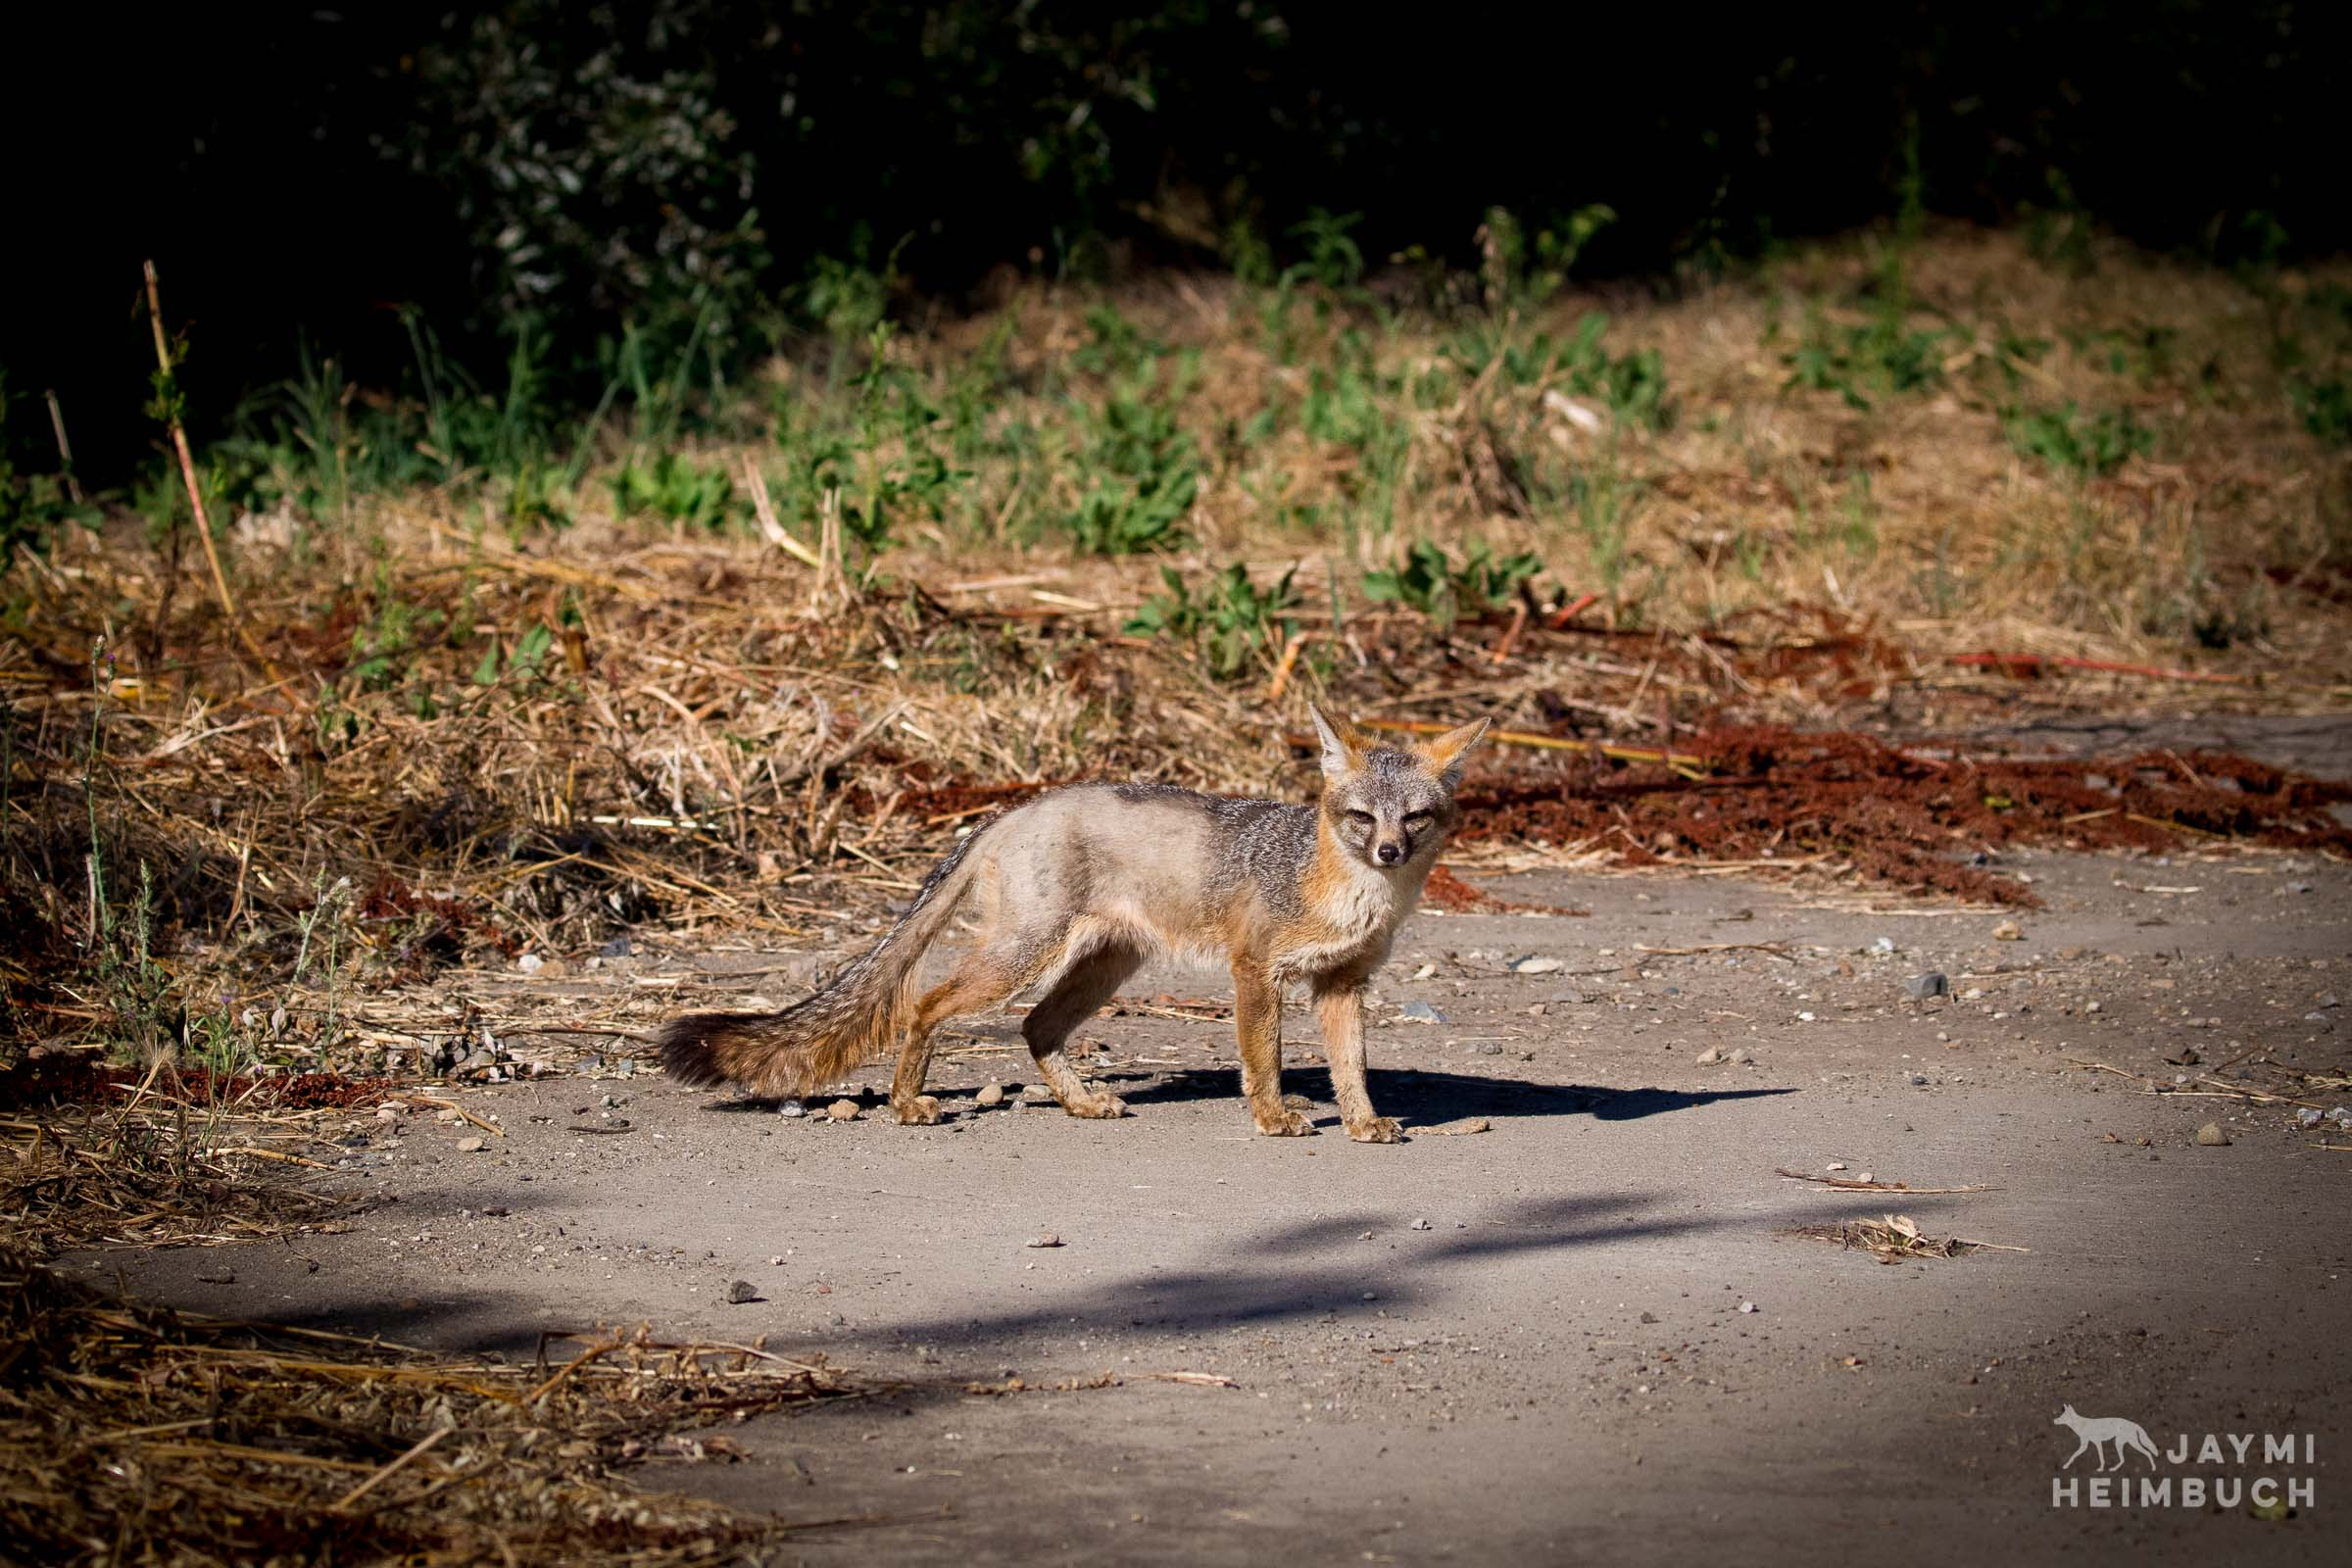 gray-fox-jaymi-heimbuch-_JH_0636-15